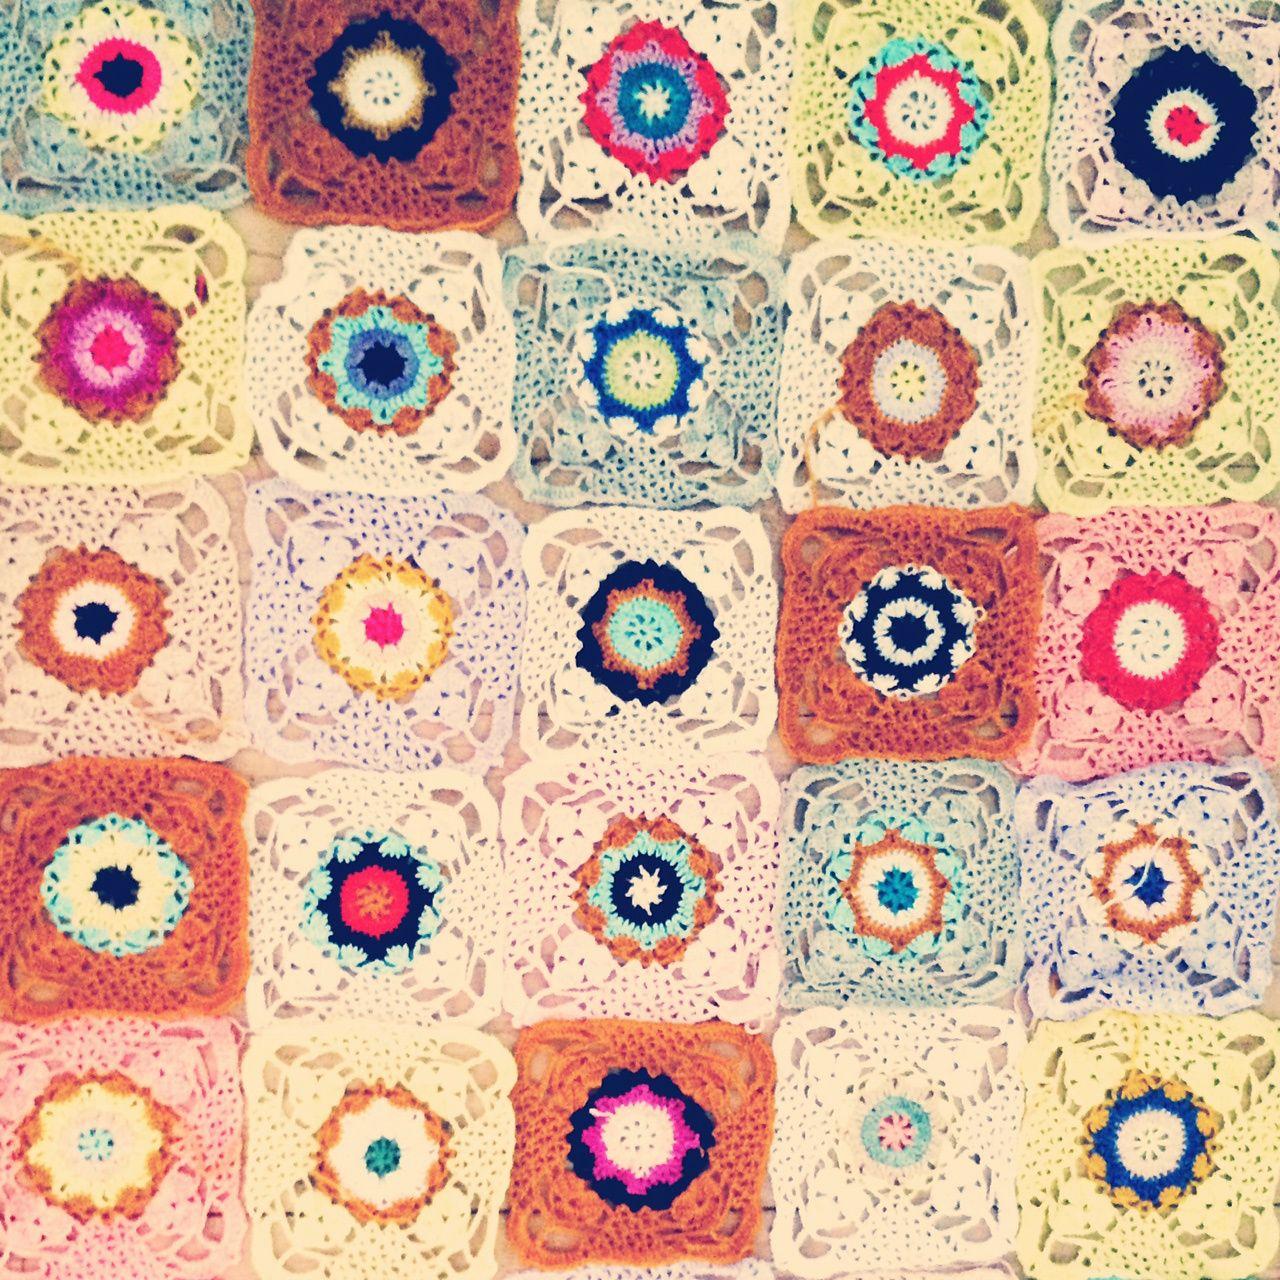 #crochet motifs by Elsbeth